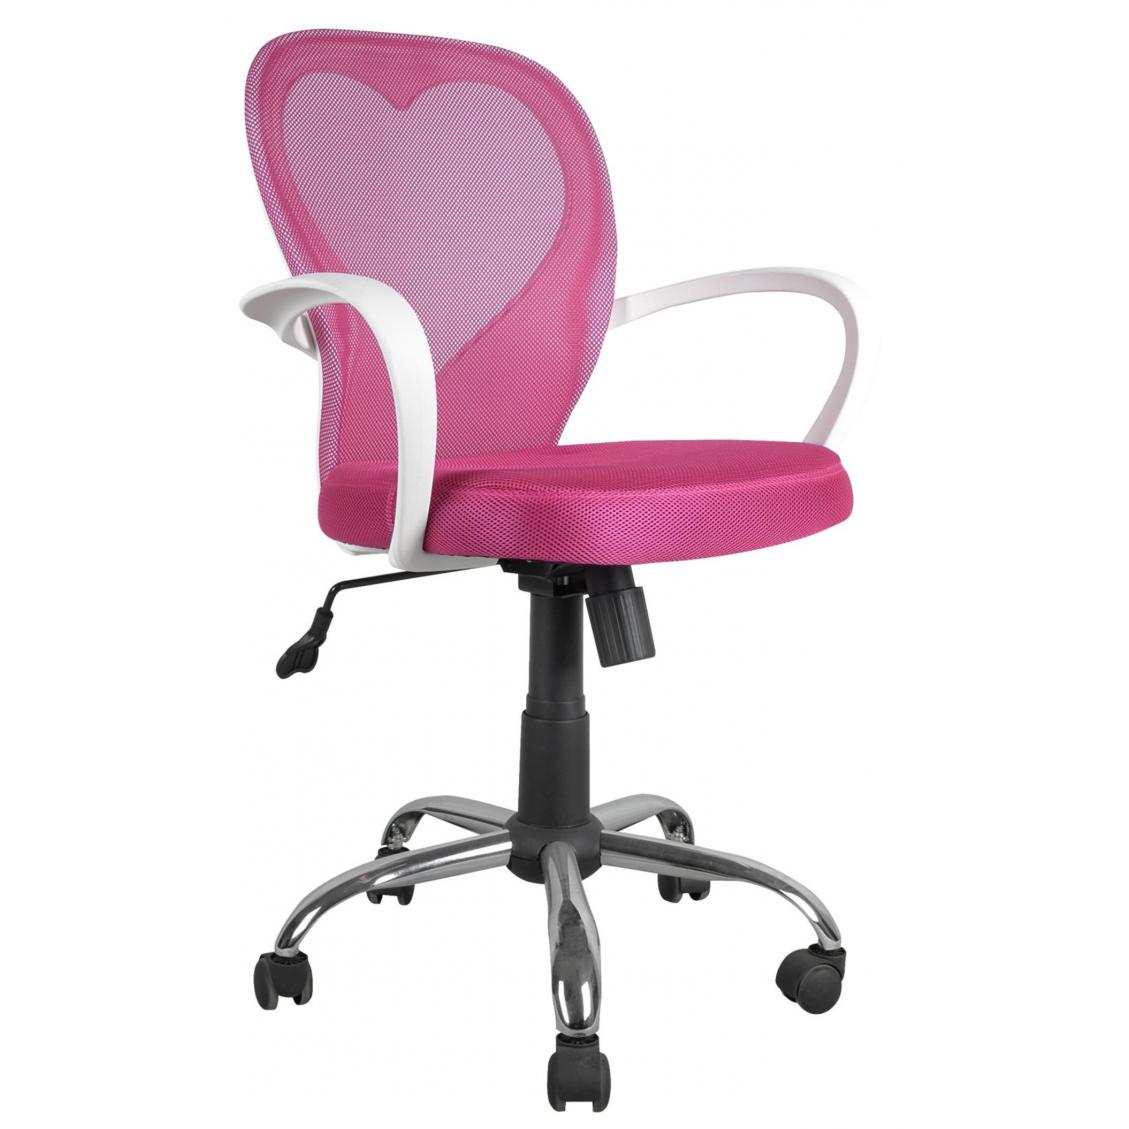 Krzesło  obrotowe Cruz QZY-1447